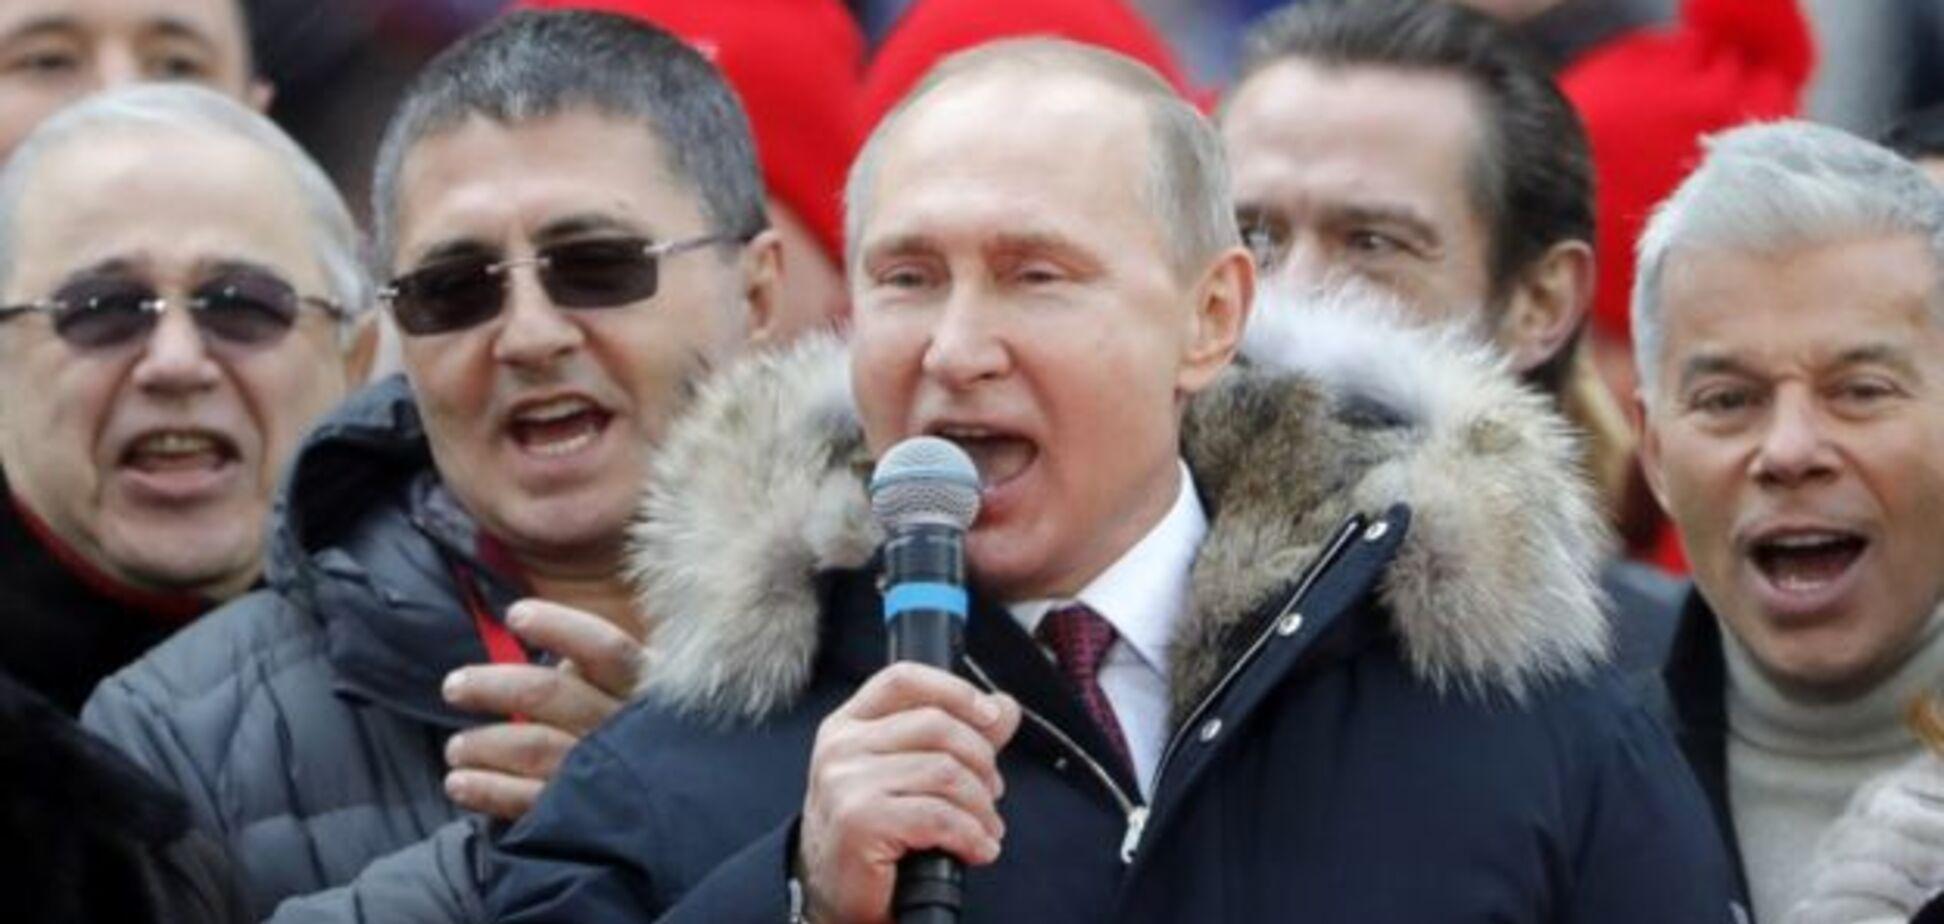 Блогер вказав на дивину з ростом Путіна під час мітингу